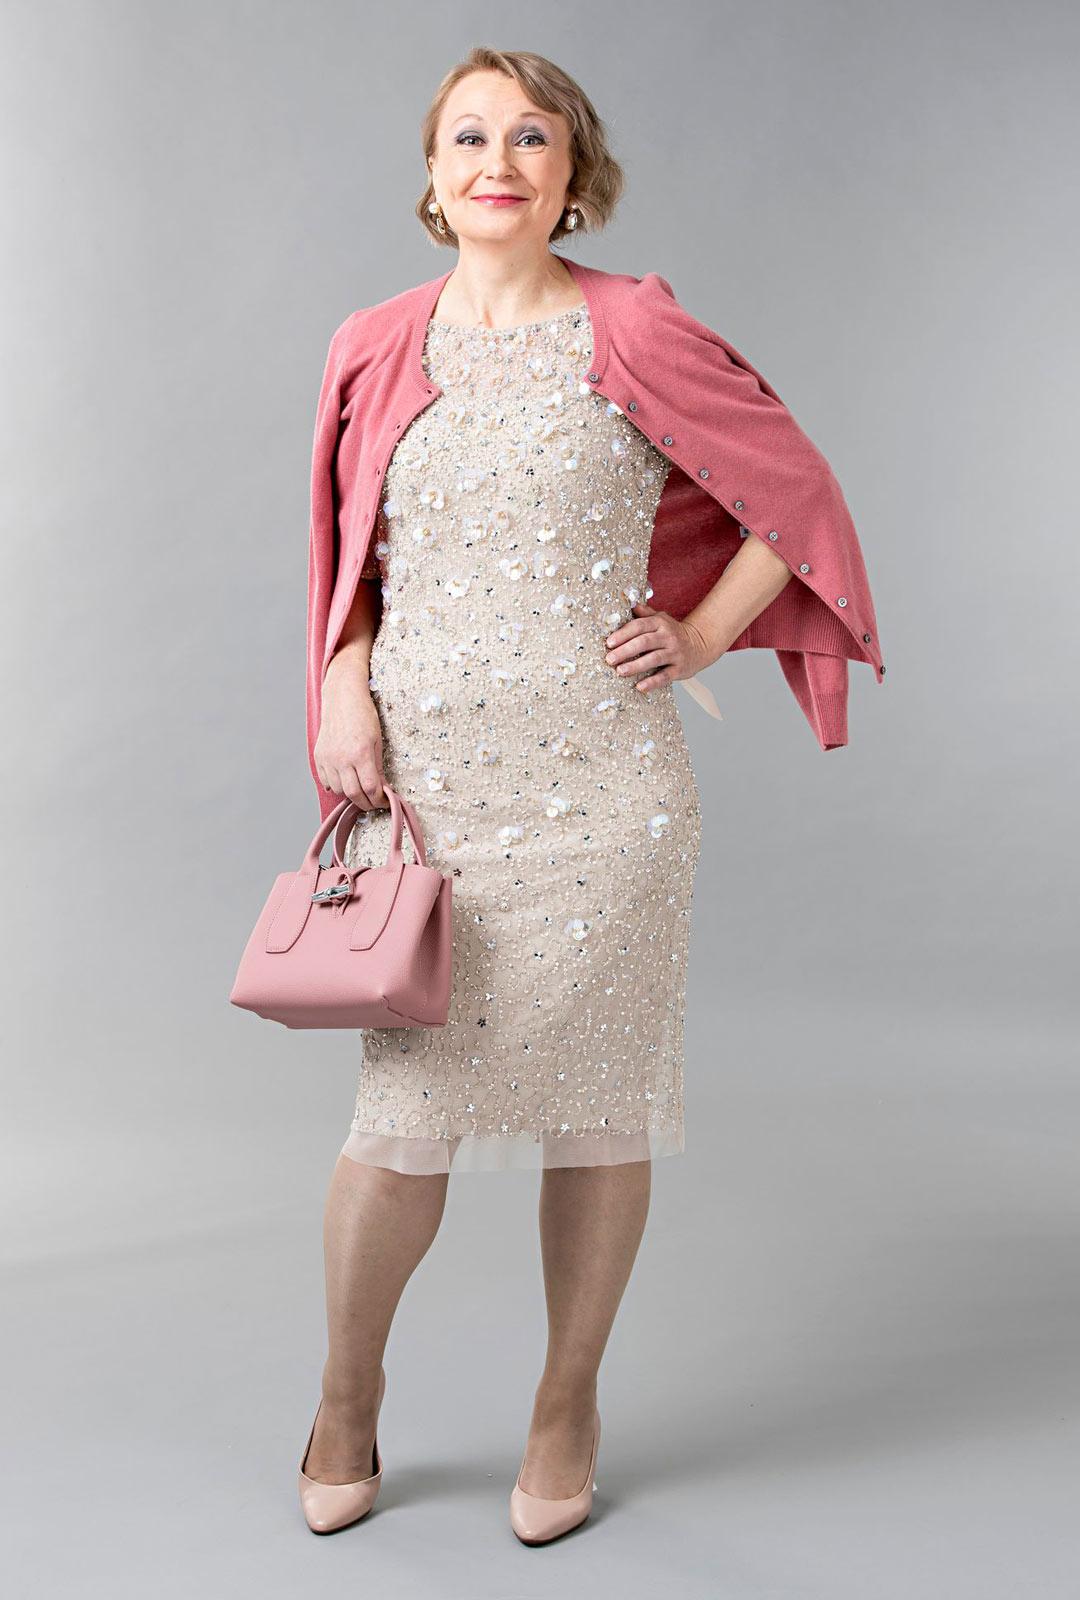 Paljettimekko on trendikäs ja samalla klassinen. Yksinkertainen malli ja vaalea väri toimivat sekä talvi- että kesäjuhlassa.